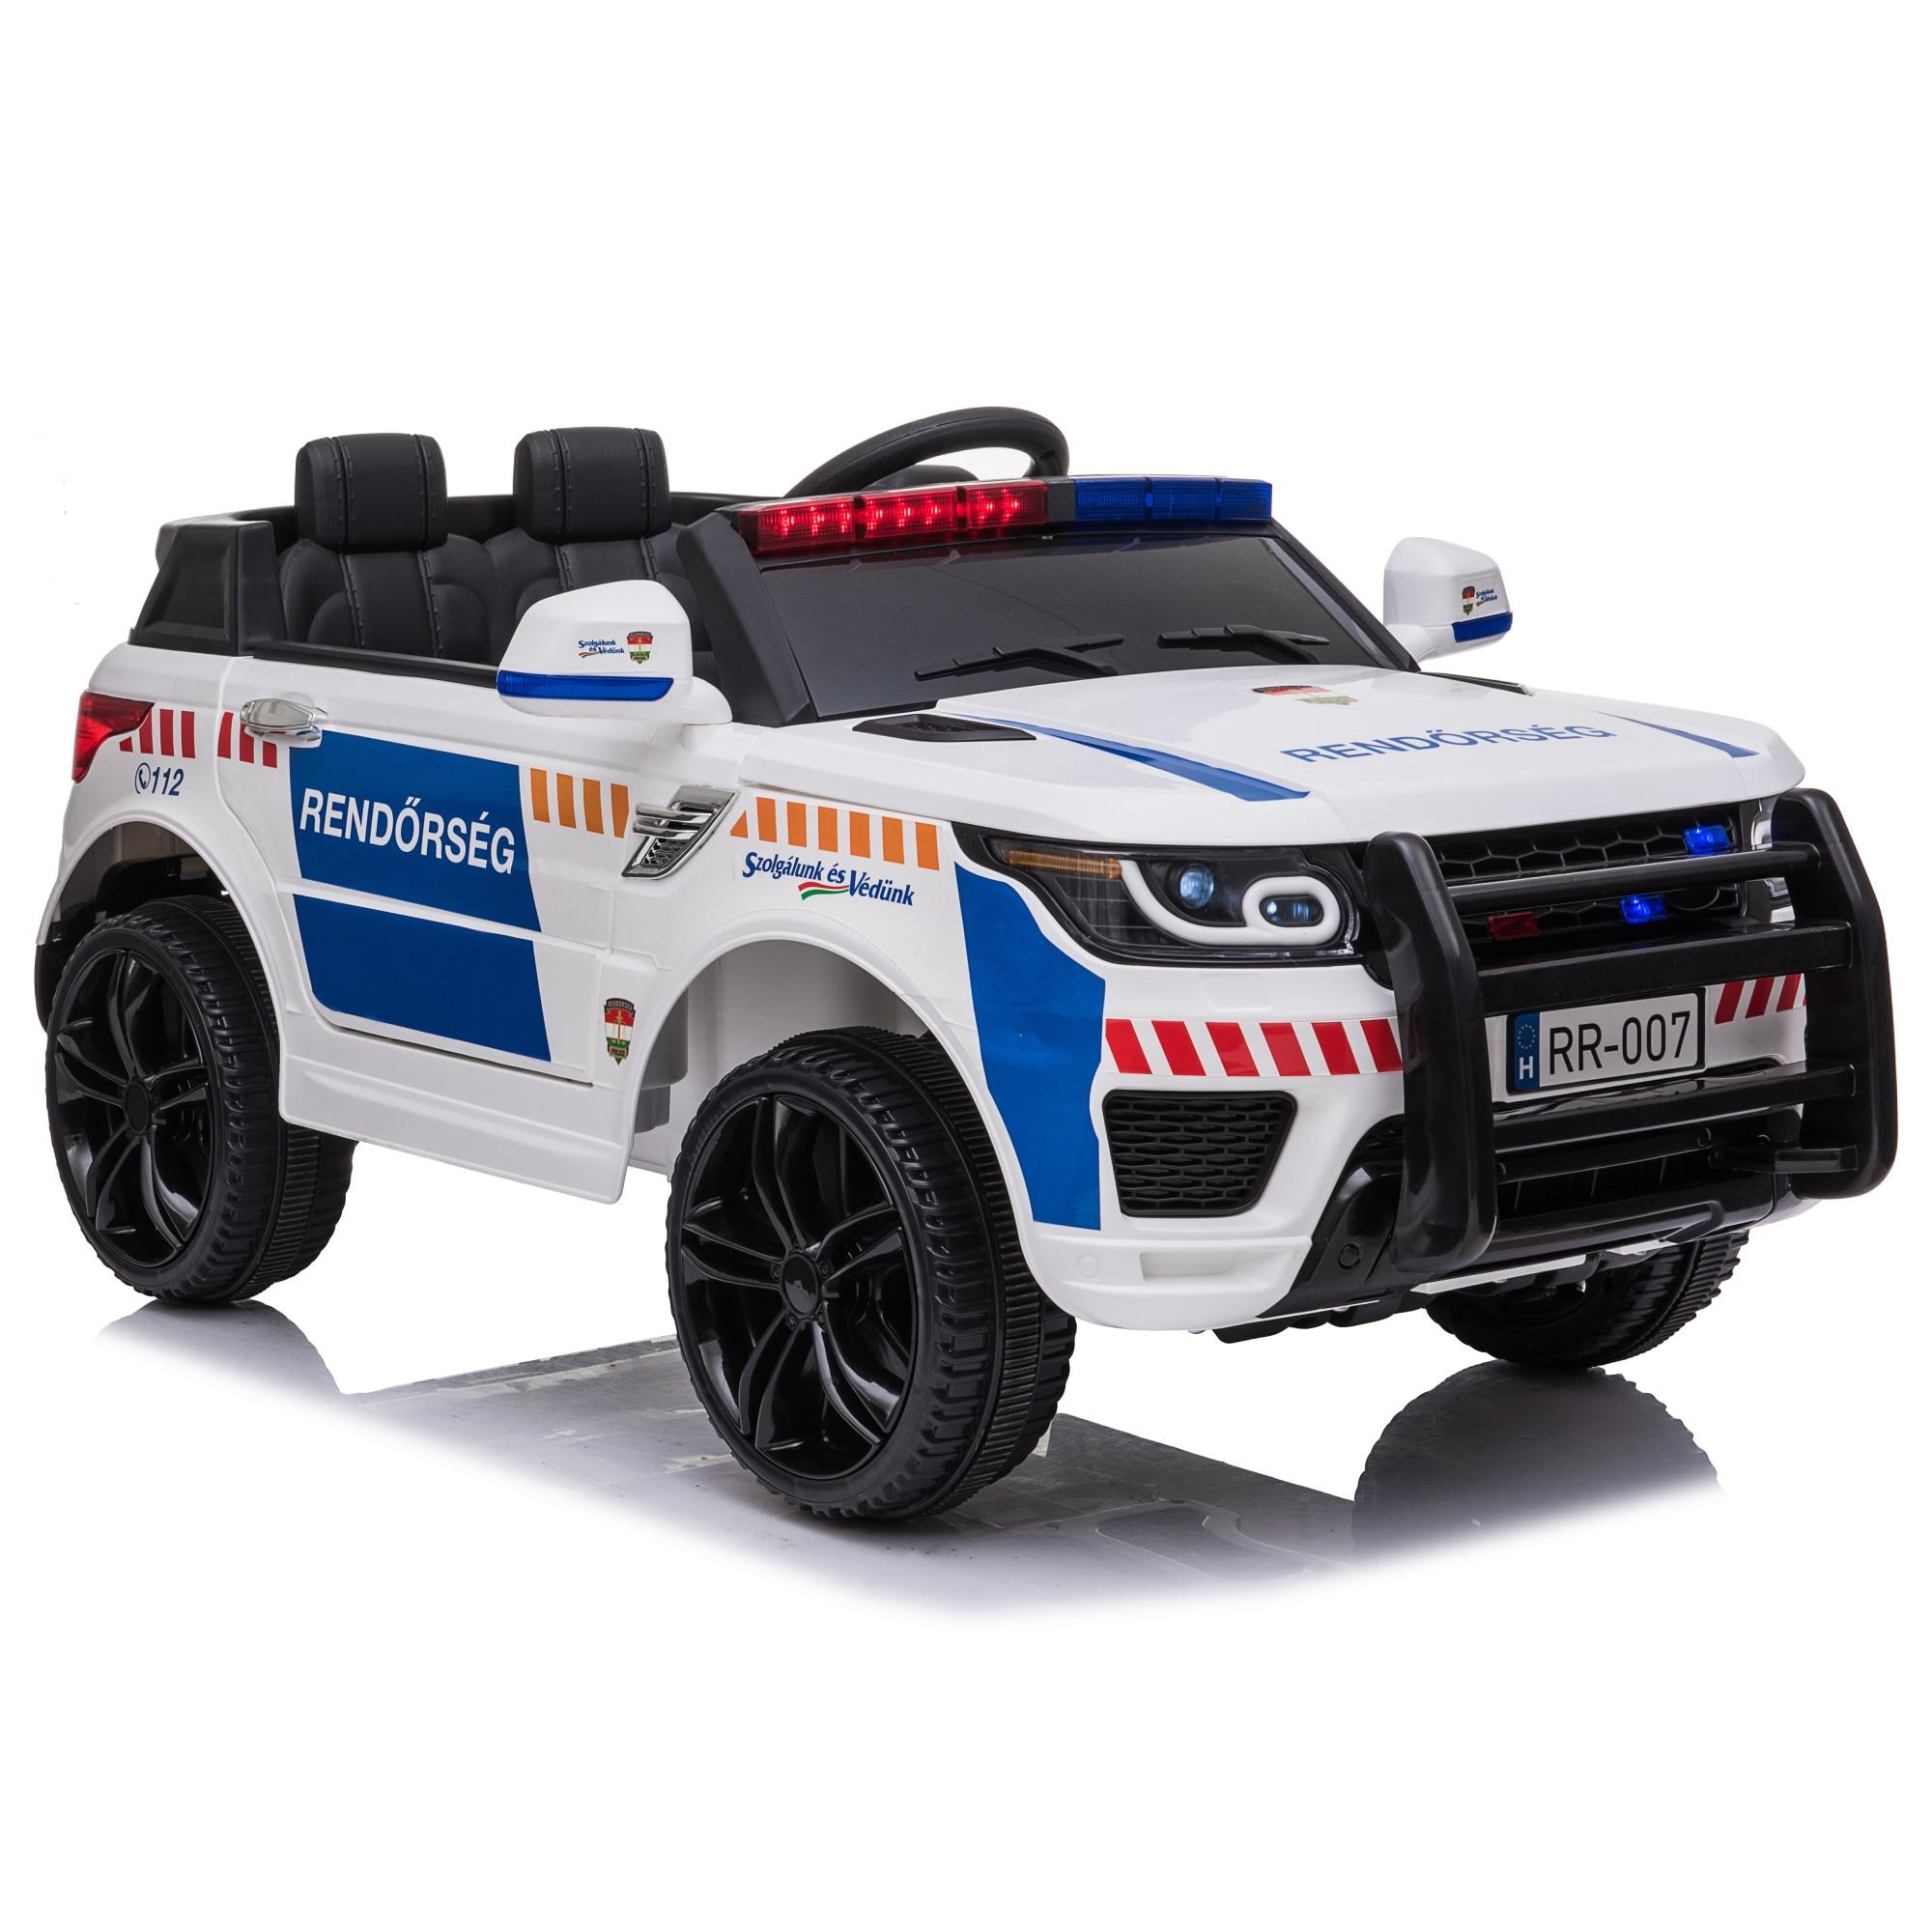 Kidcar Kc 002w Elektromos Kisauto Gyerekeknek 2 Szemelyes Rendorauto Feher Emag Hu